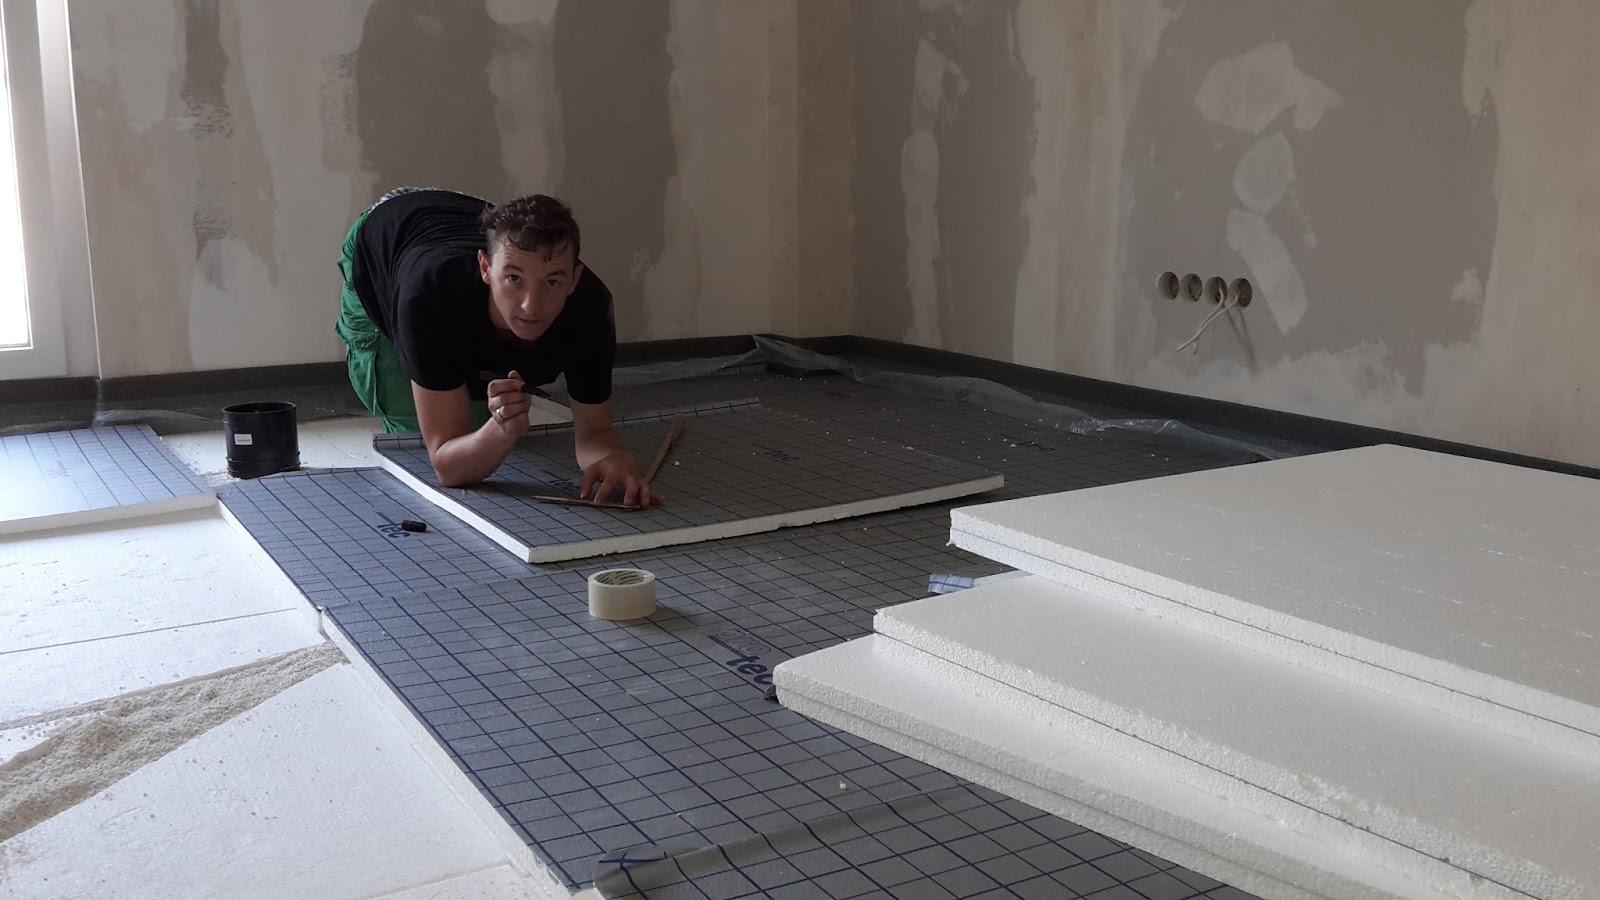 abenteuer ausbauhaus bodend mmung und vorbereitungen fussbodenheizung dg. Black Bedroom Furniture Sets. Home Design Ideas